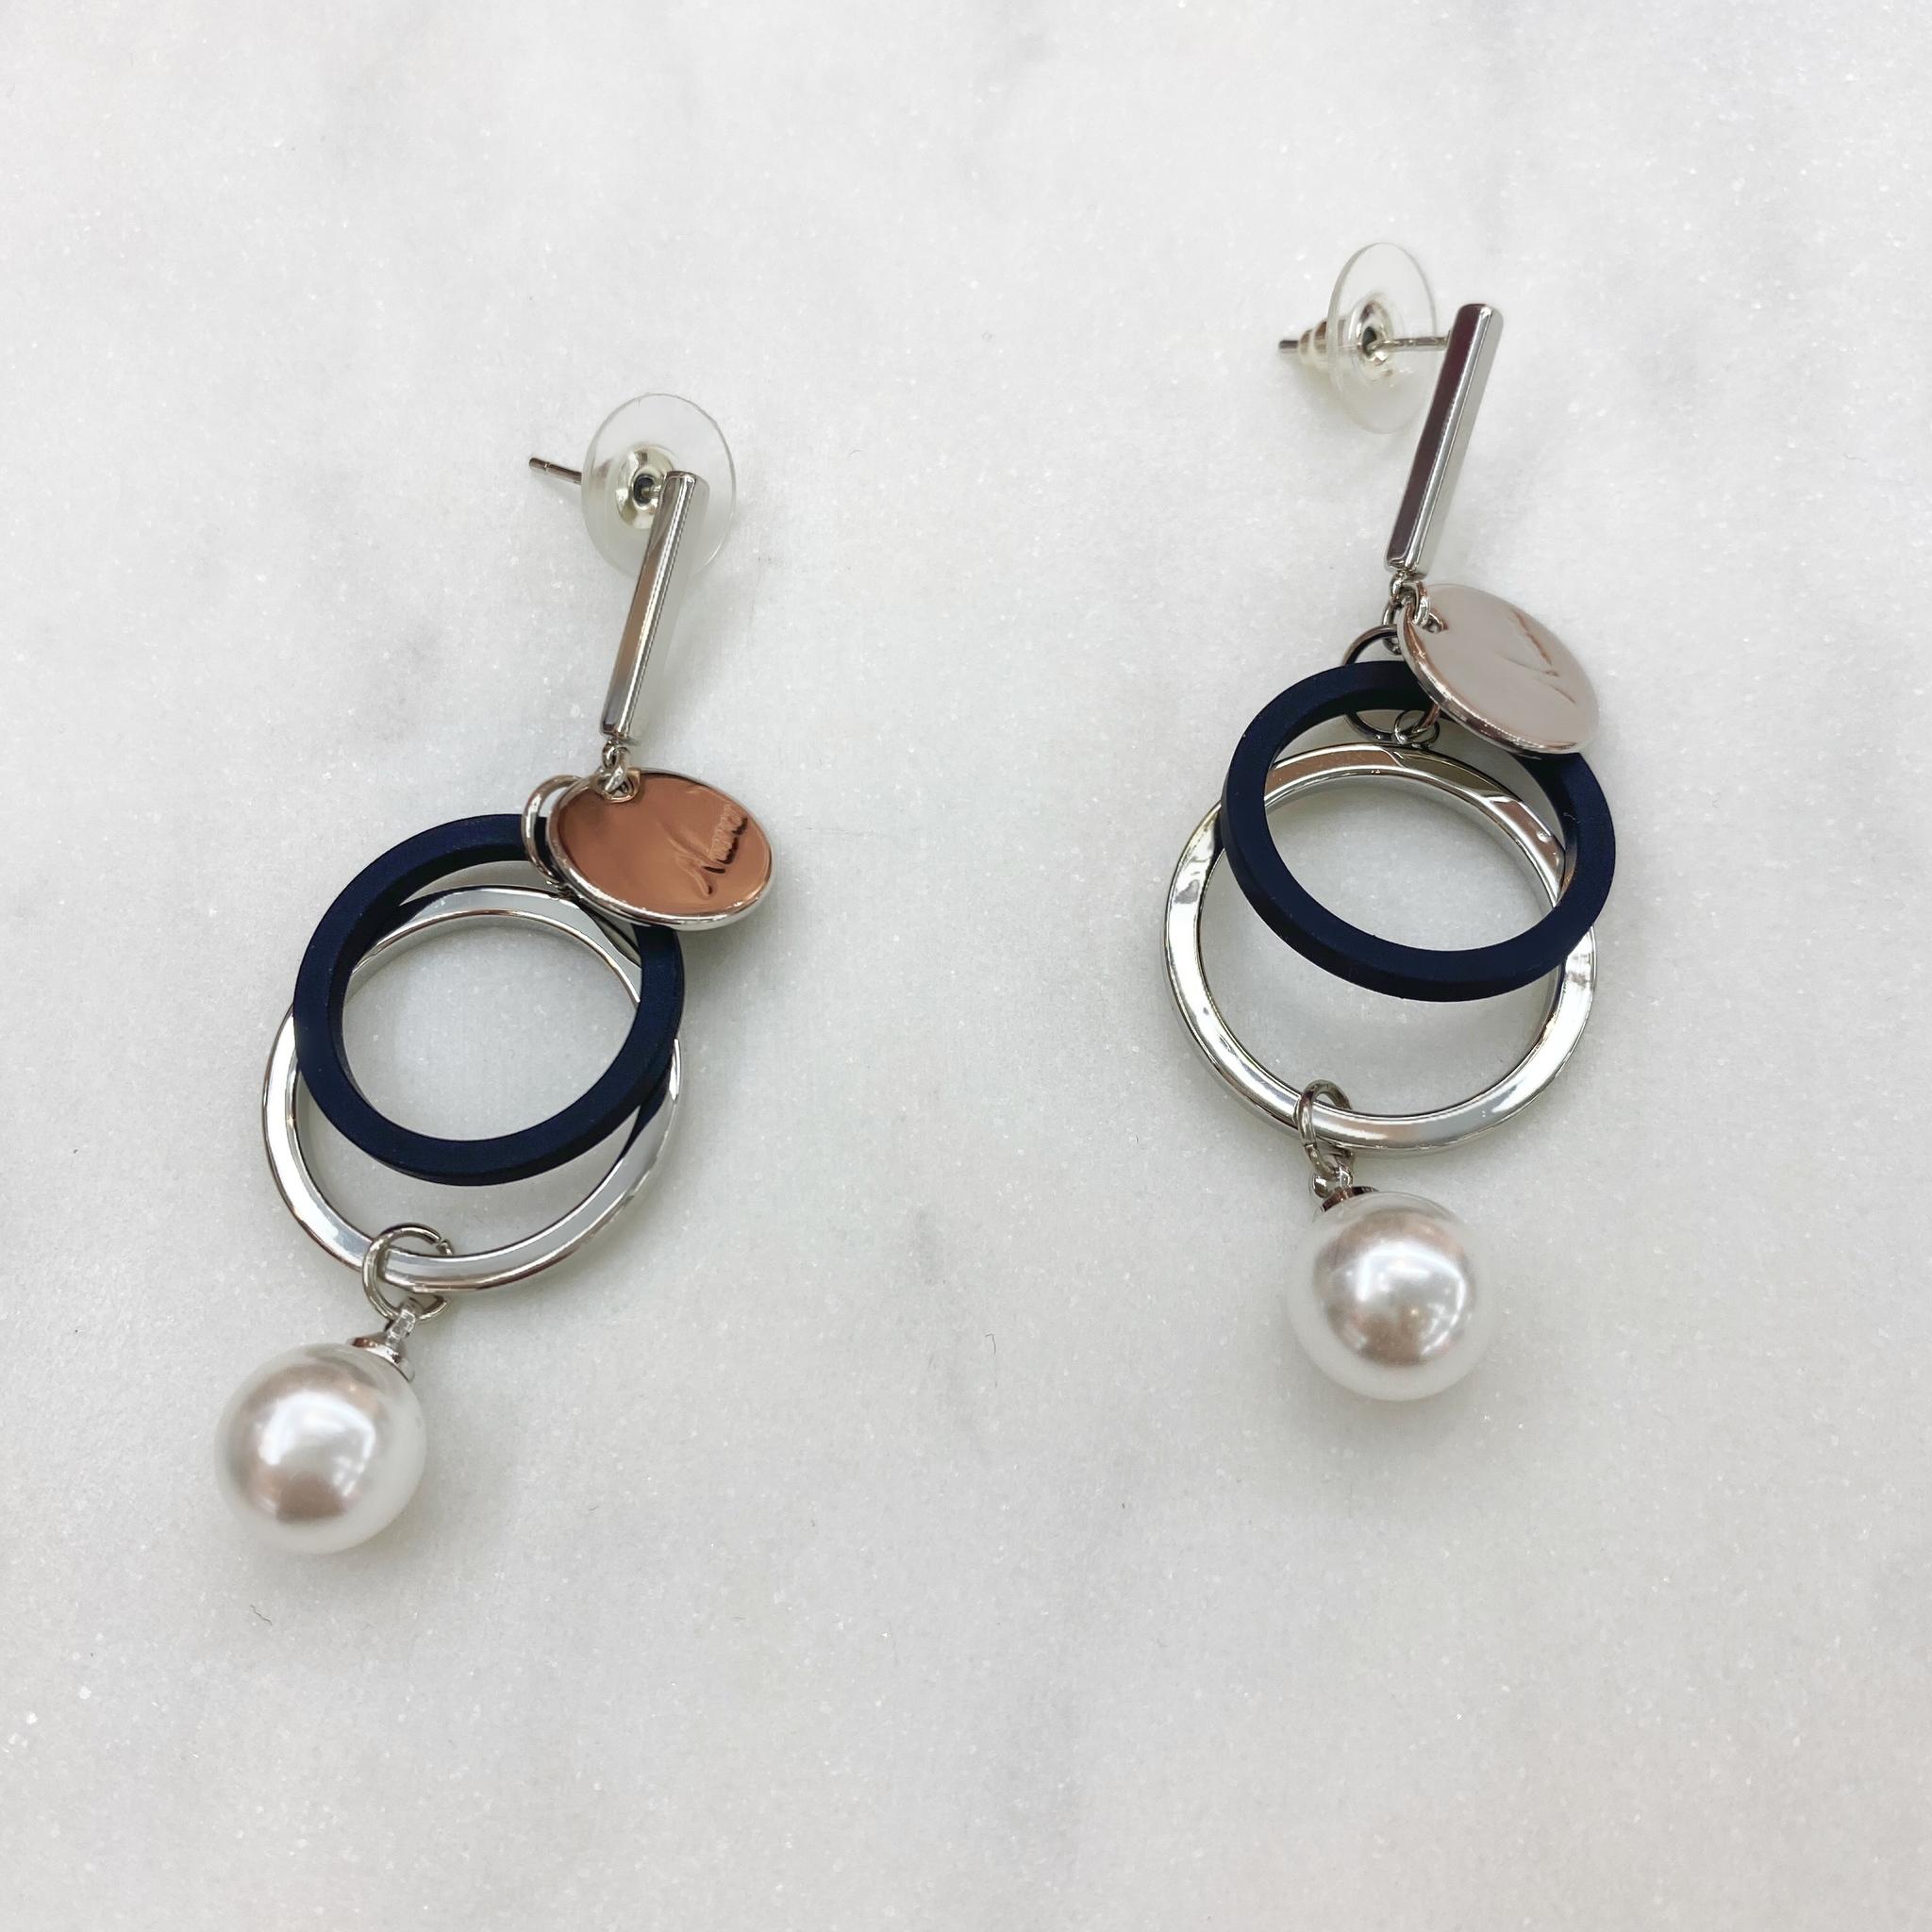 Серьги-подвески MIX Нюанс Двойные Кольца жемчуг серебряный ш925